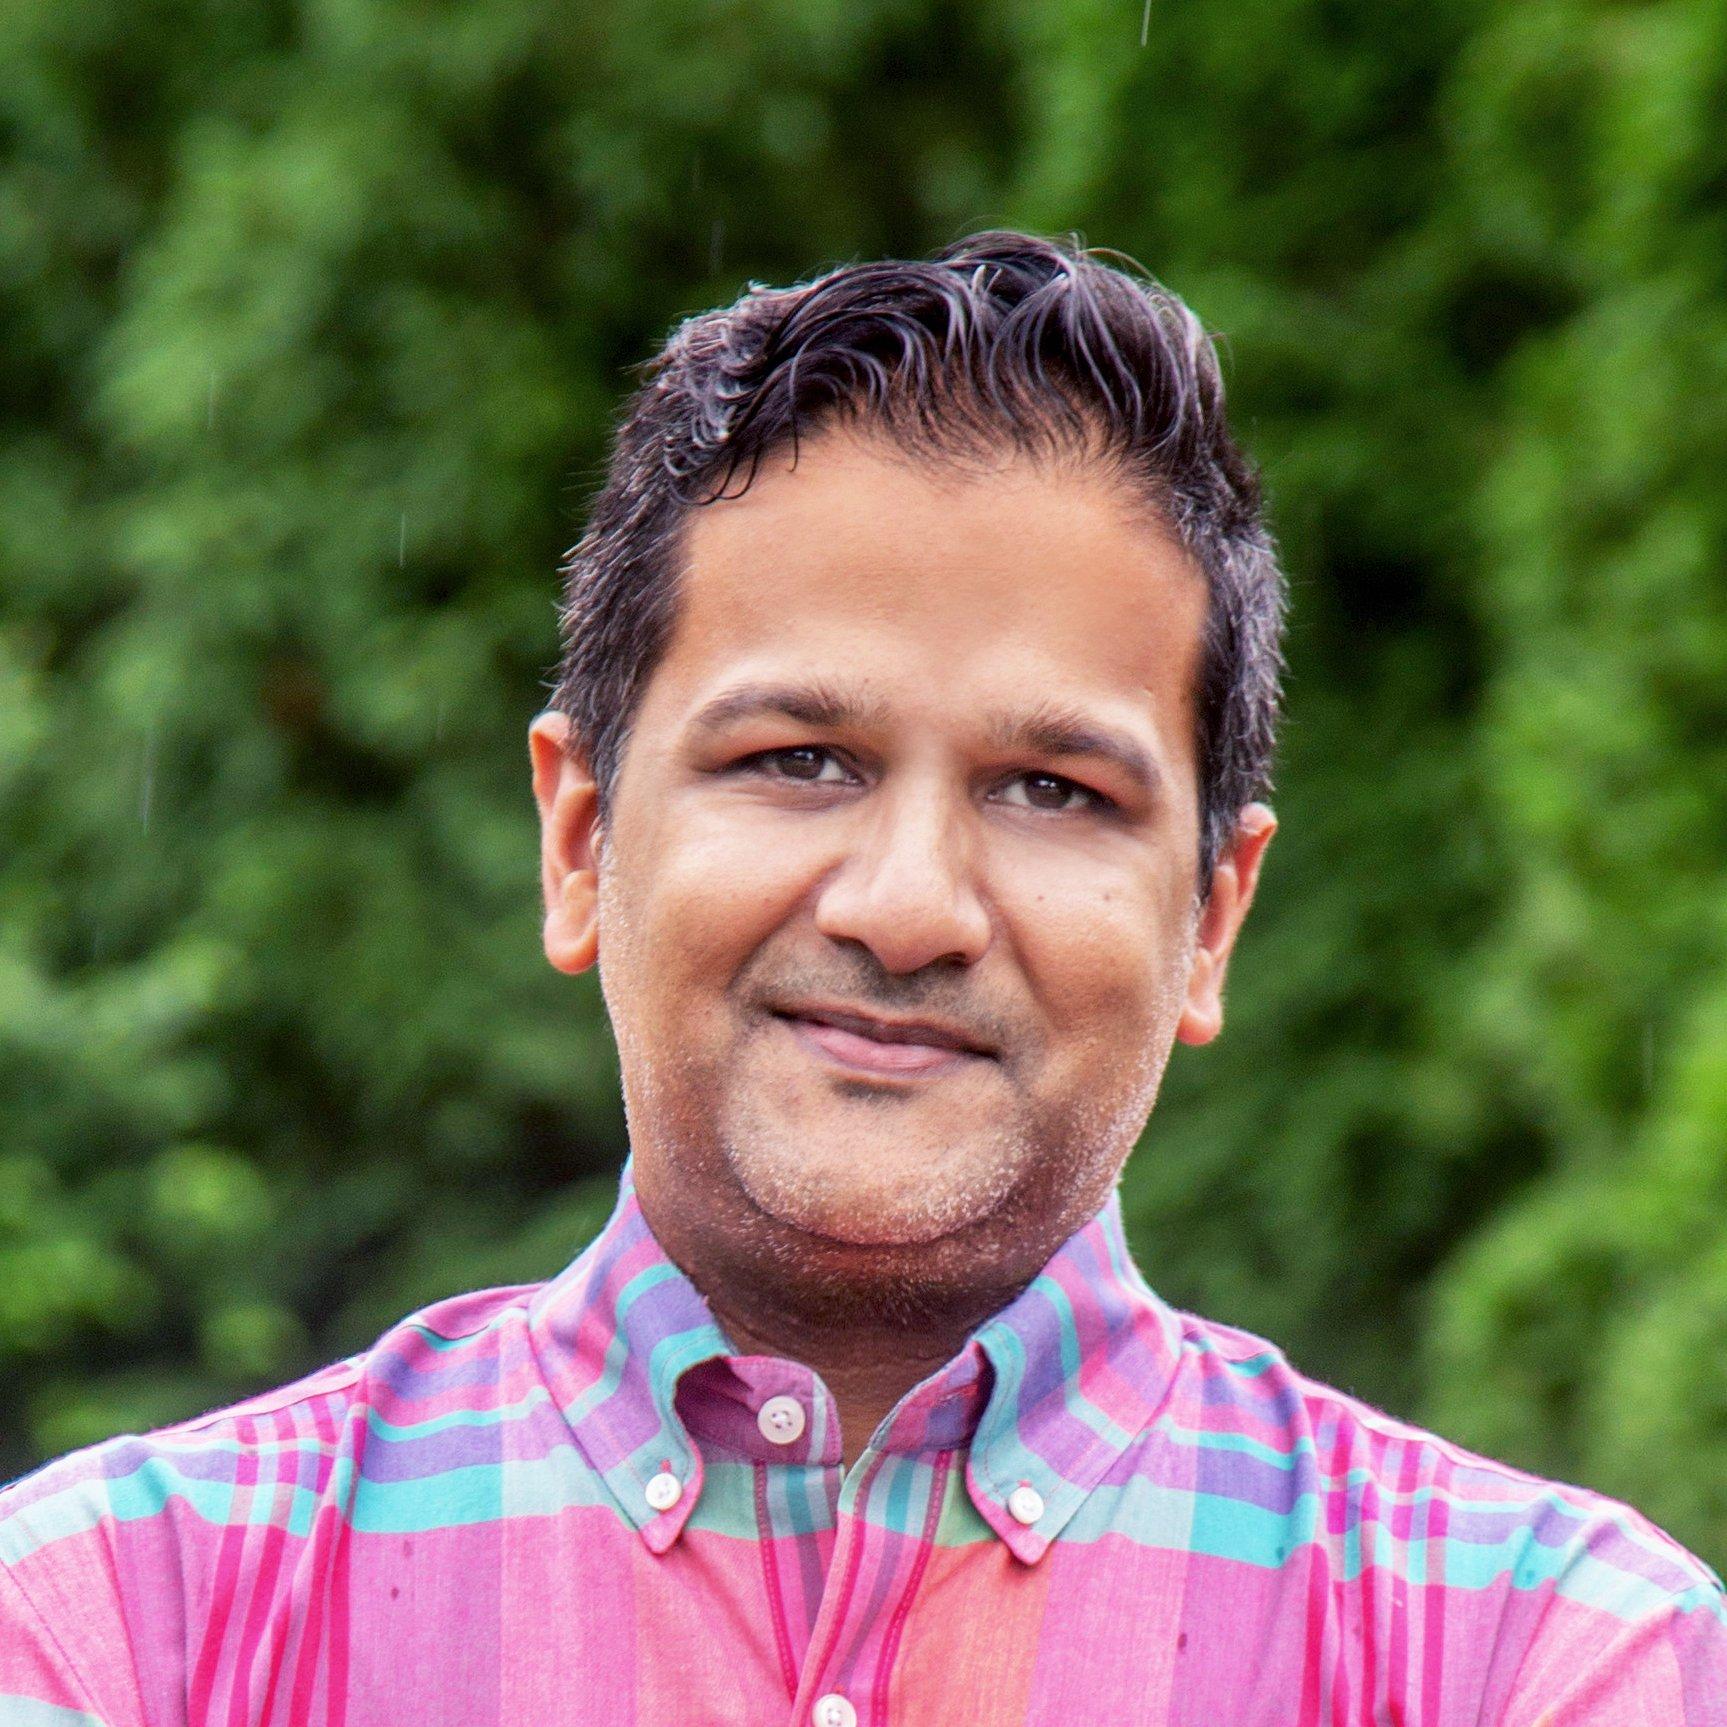 Suneet Bhatt